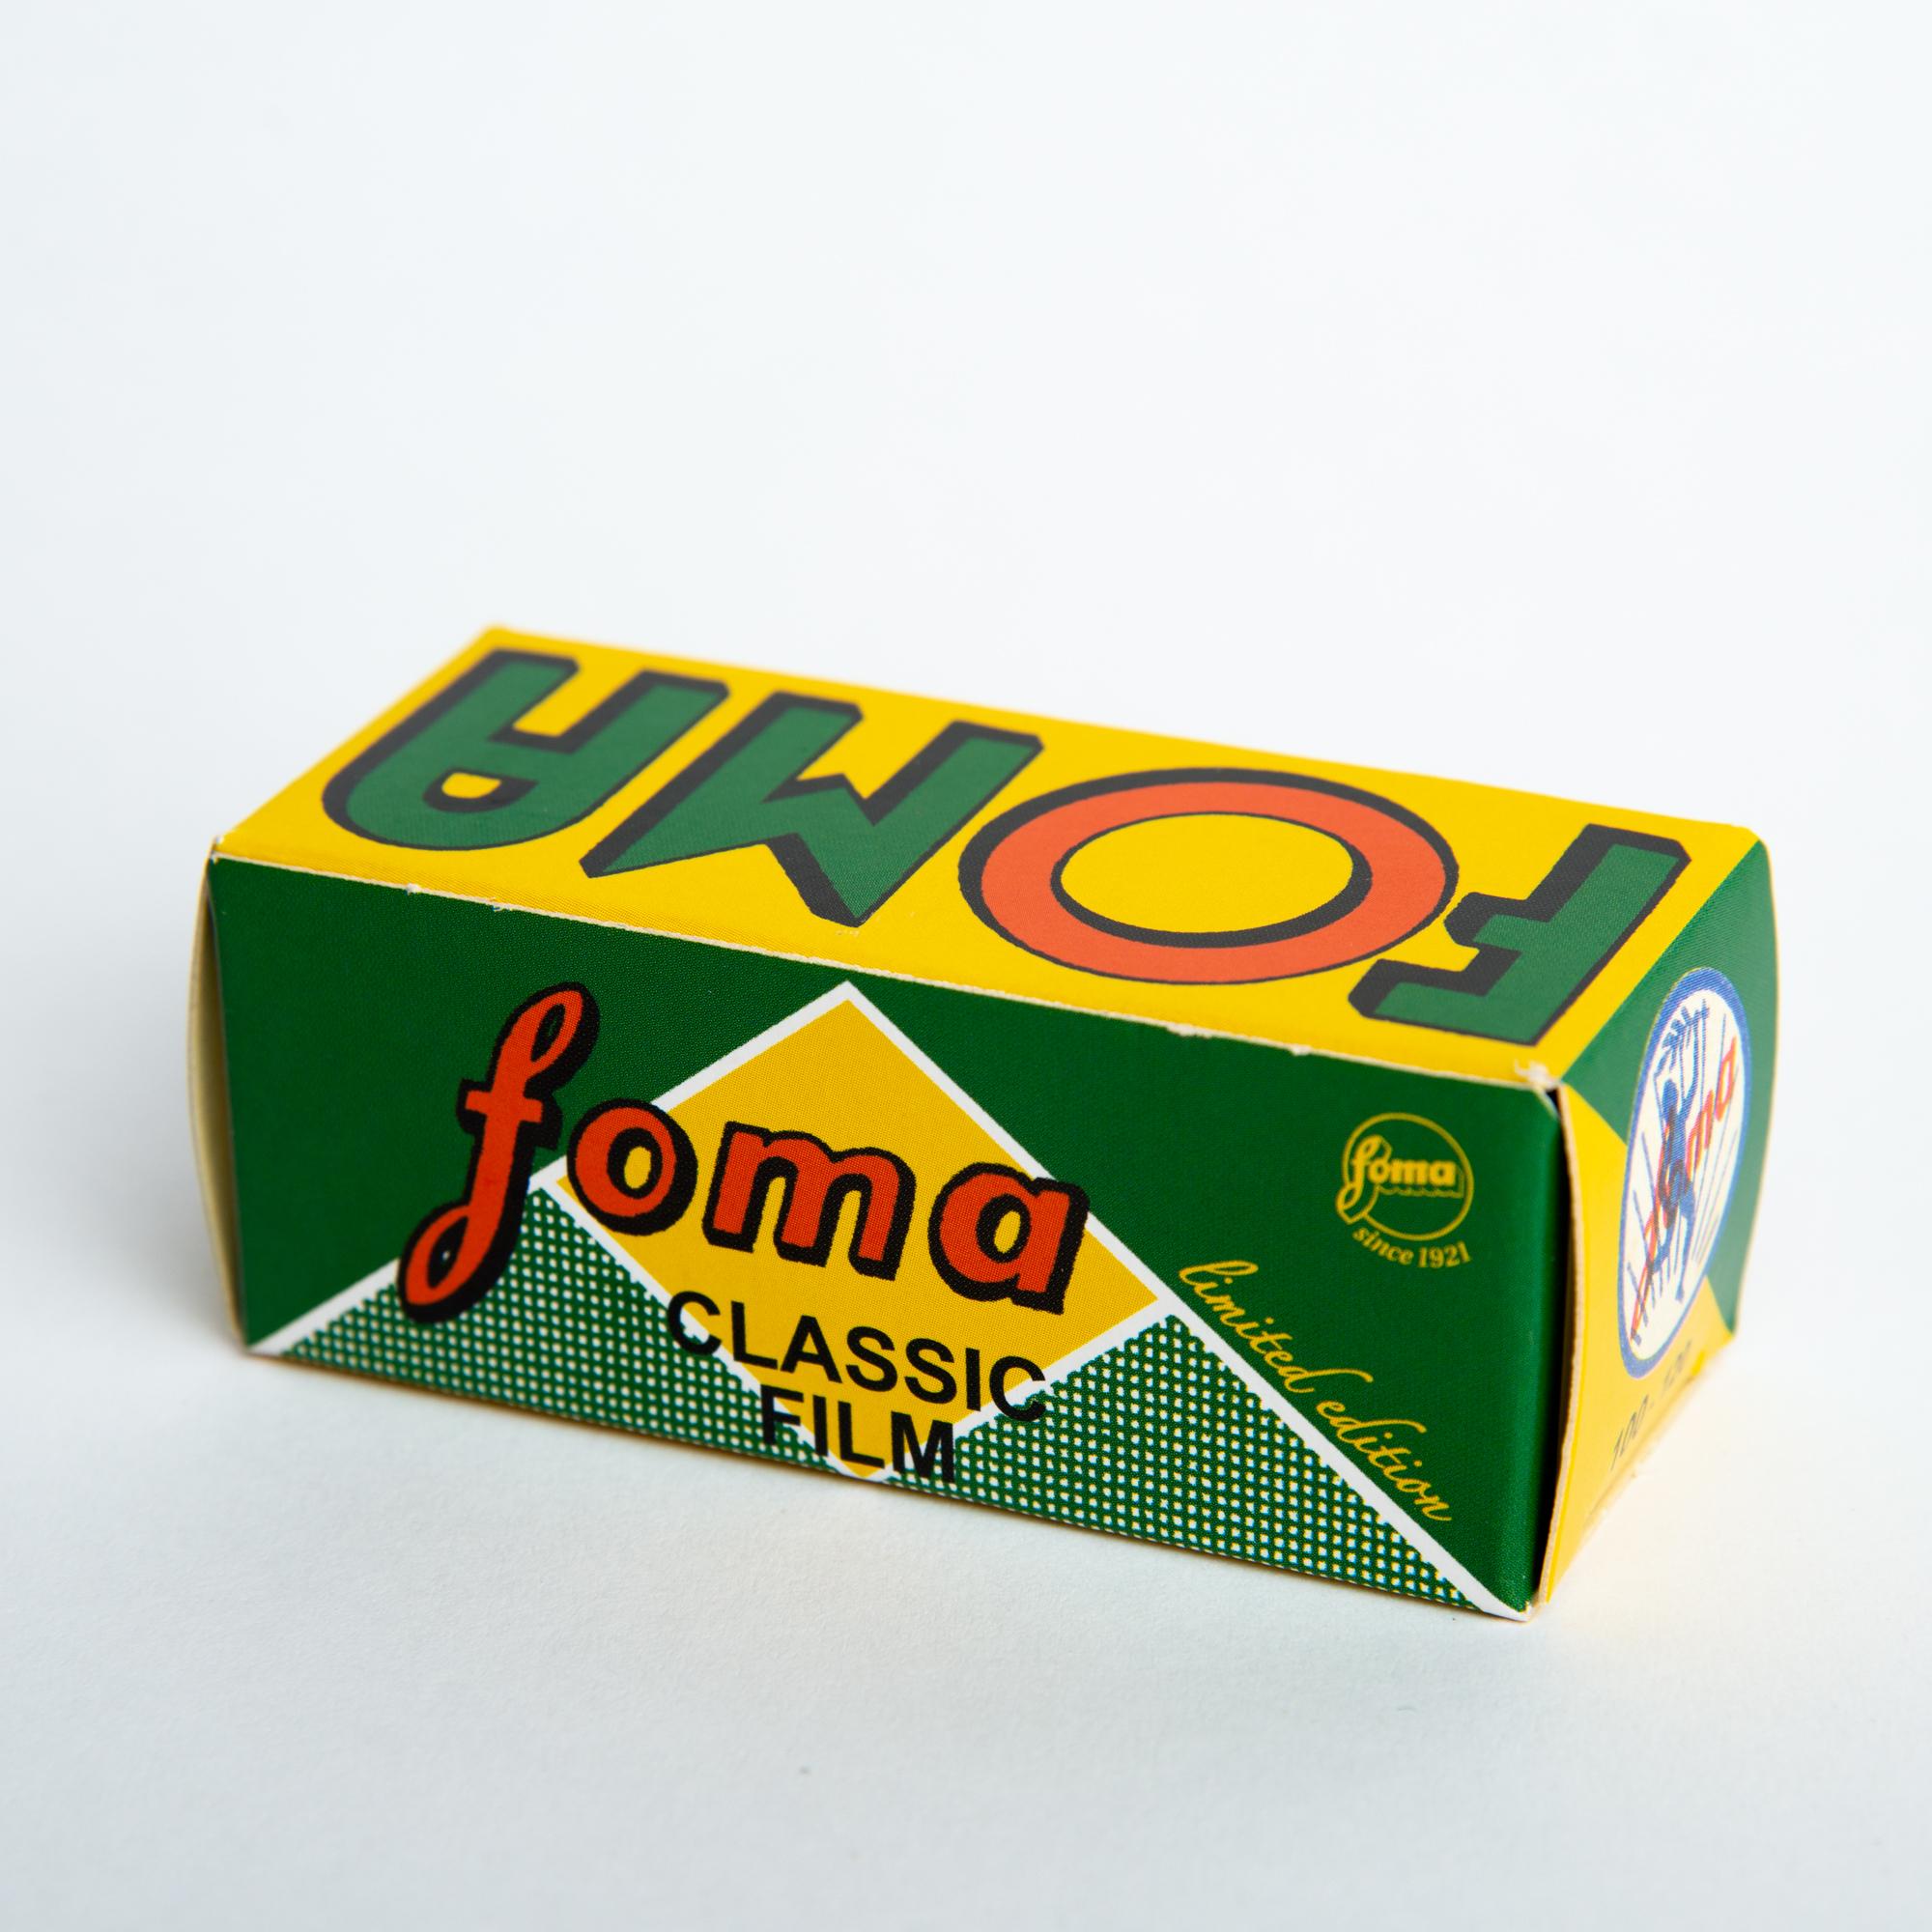 Фотопленка Foma Fomapan 100 Classic Limited Edition/120 B&W